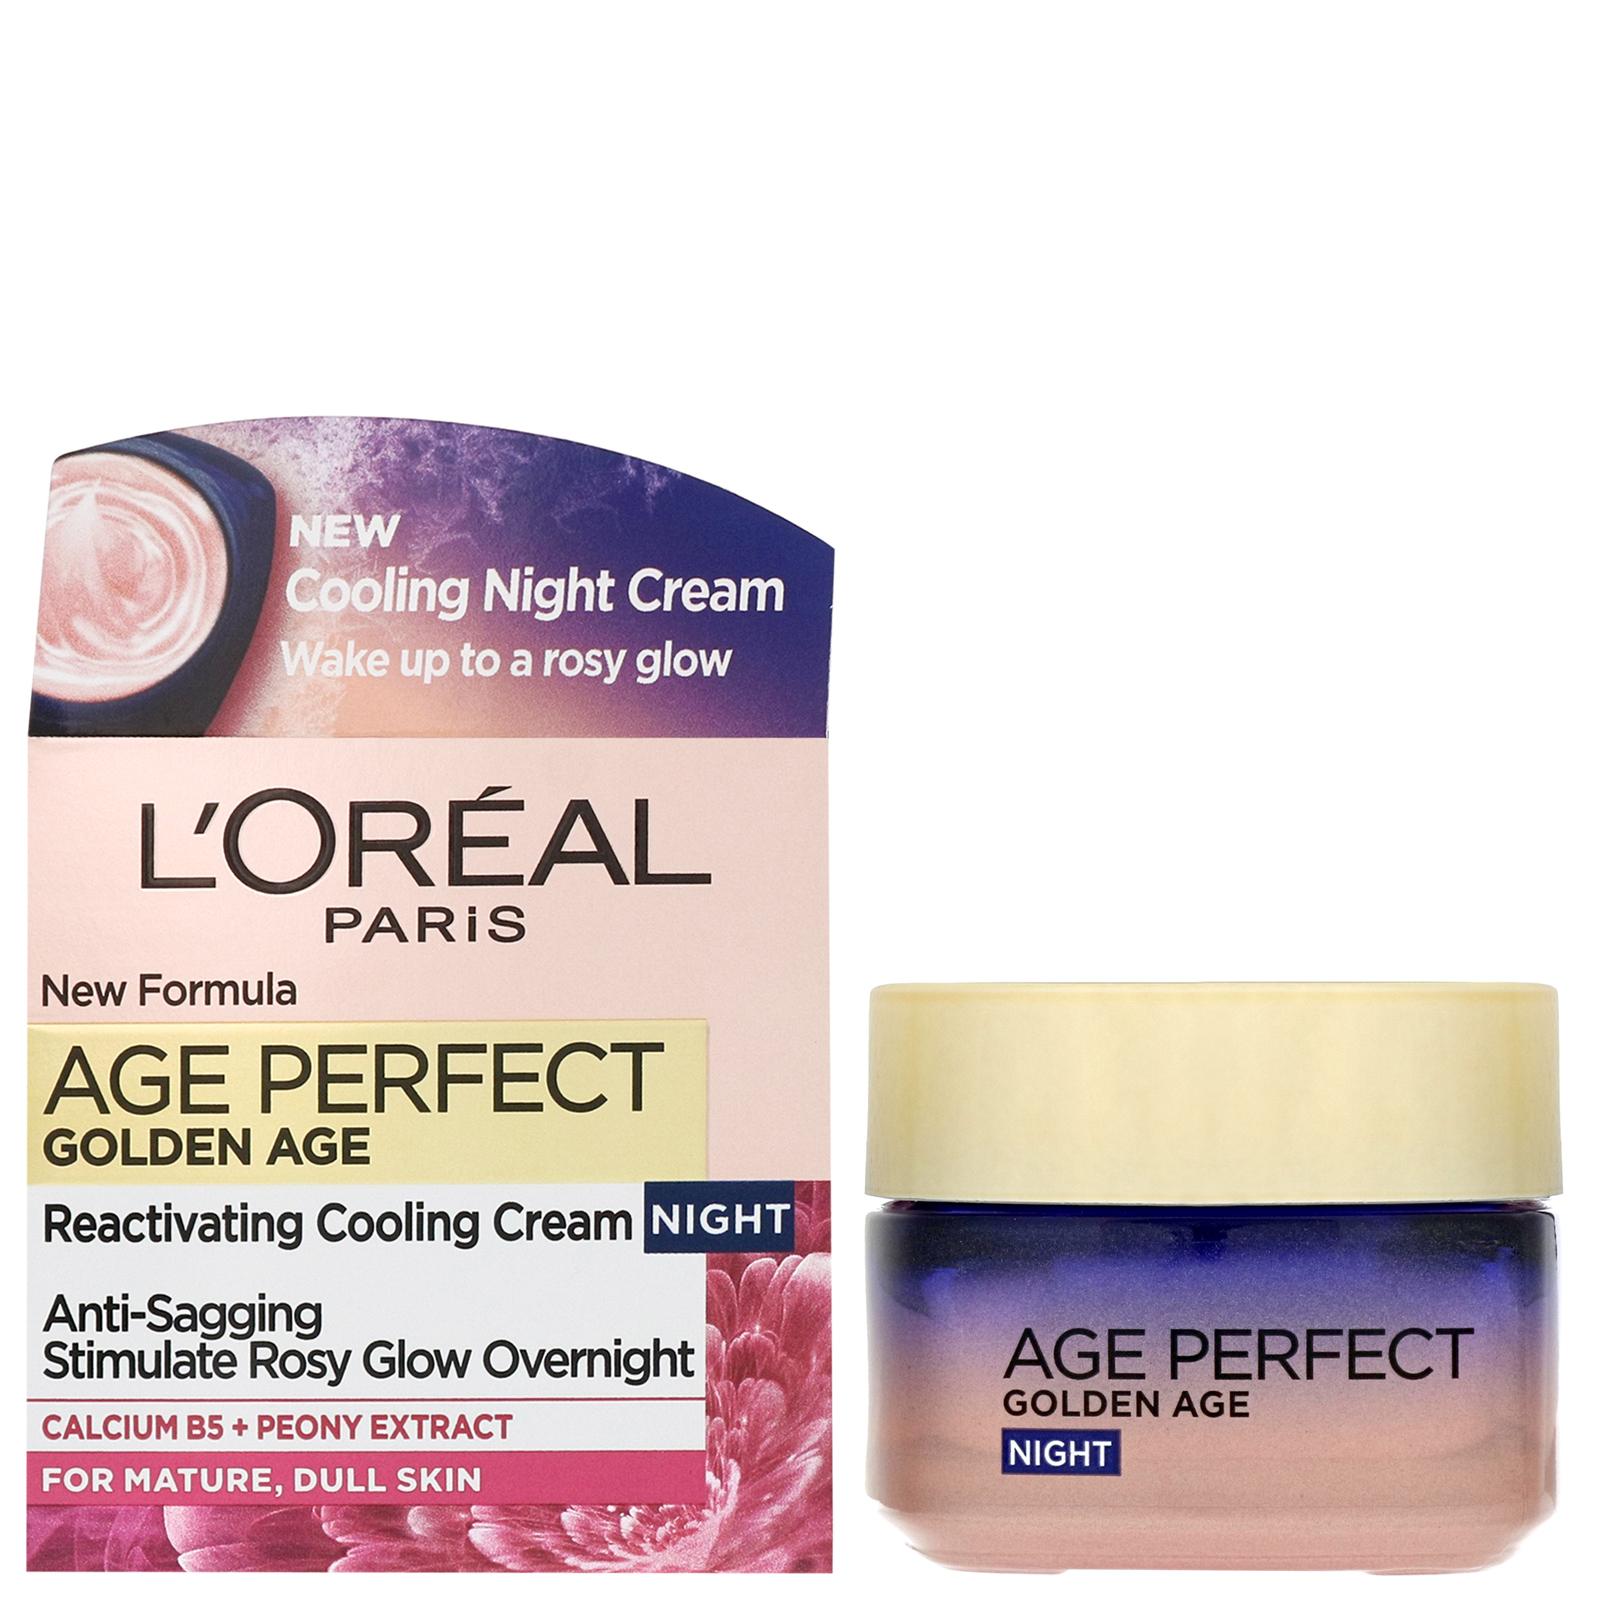 L'Oréal Paris Age Perfect Golden Age Crema de Noche Fortificante, Antiflacidez y Luminosidad, Pieles Maduras